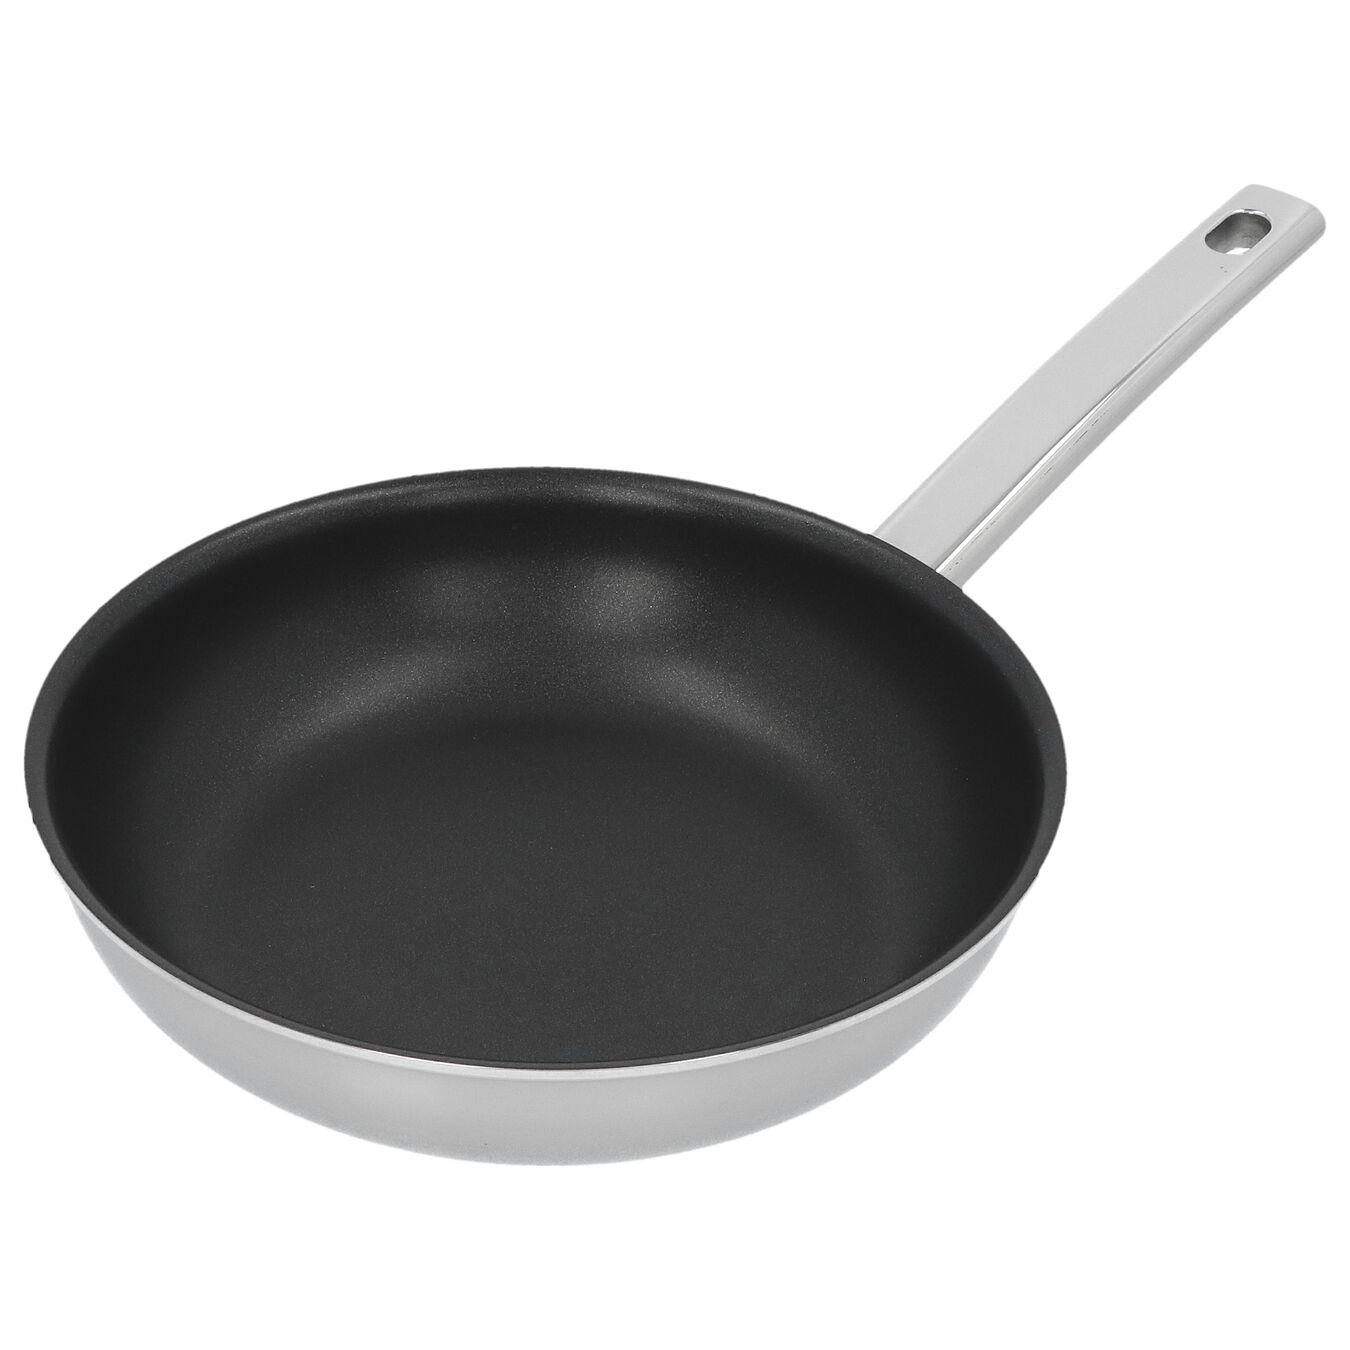 Poêle 20 cm, Inox 18/10, Noir argenté,,large 4